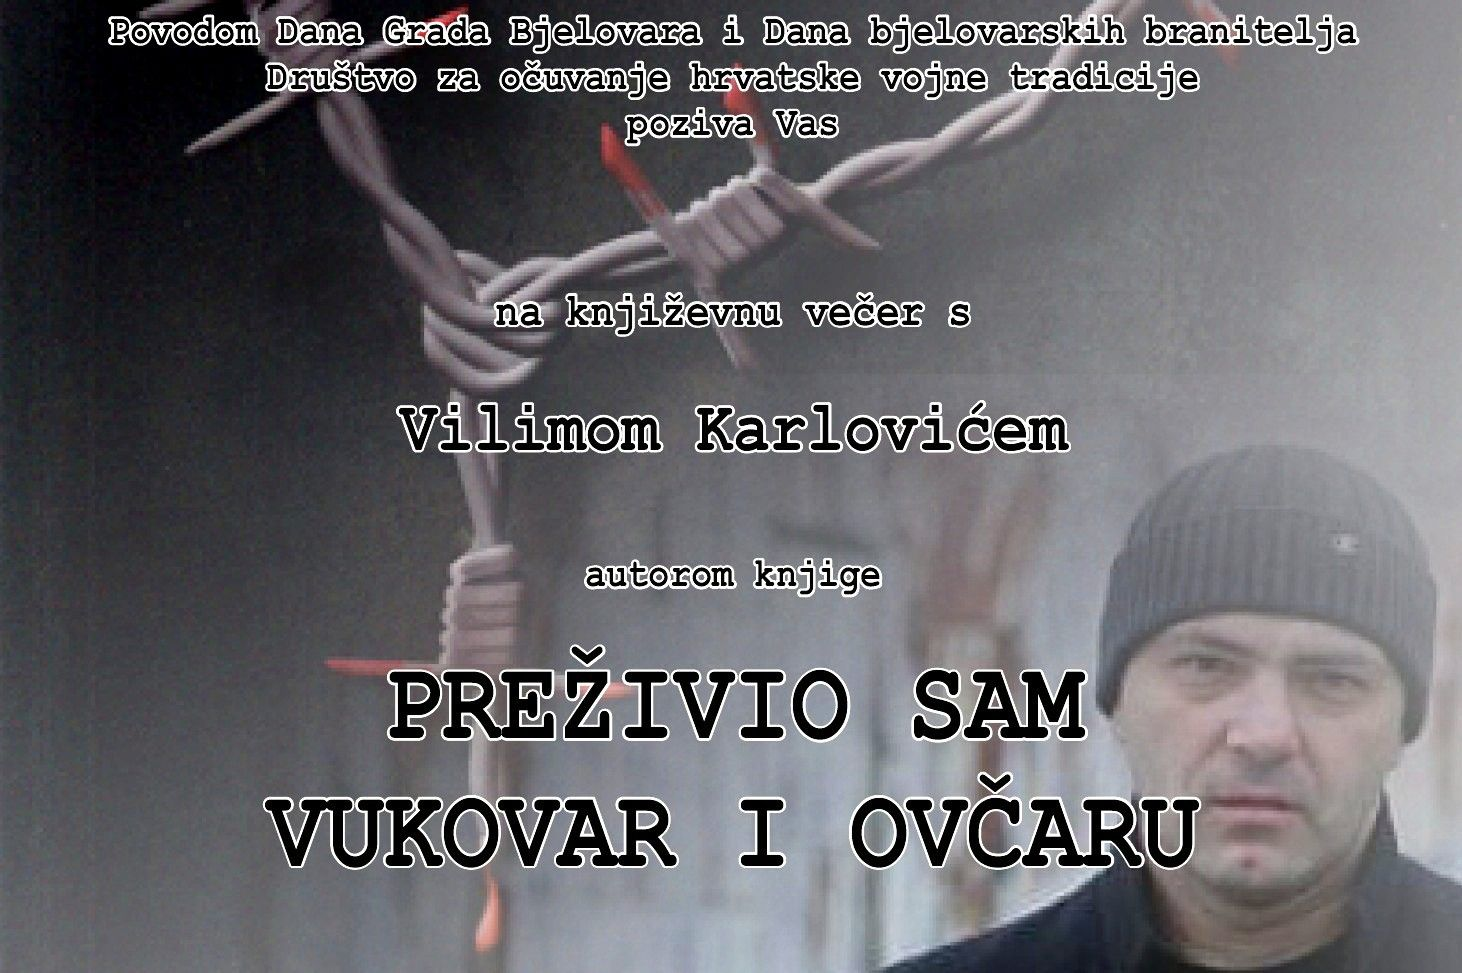 Književna večer s Vilimom Karlovićem, autorom knjige Preživio sam Vukovar i Ovčaru